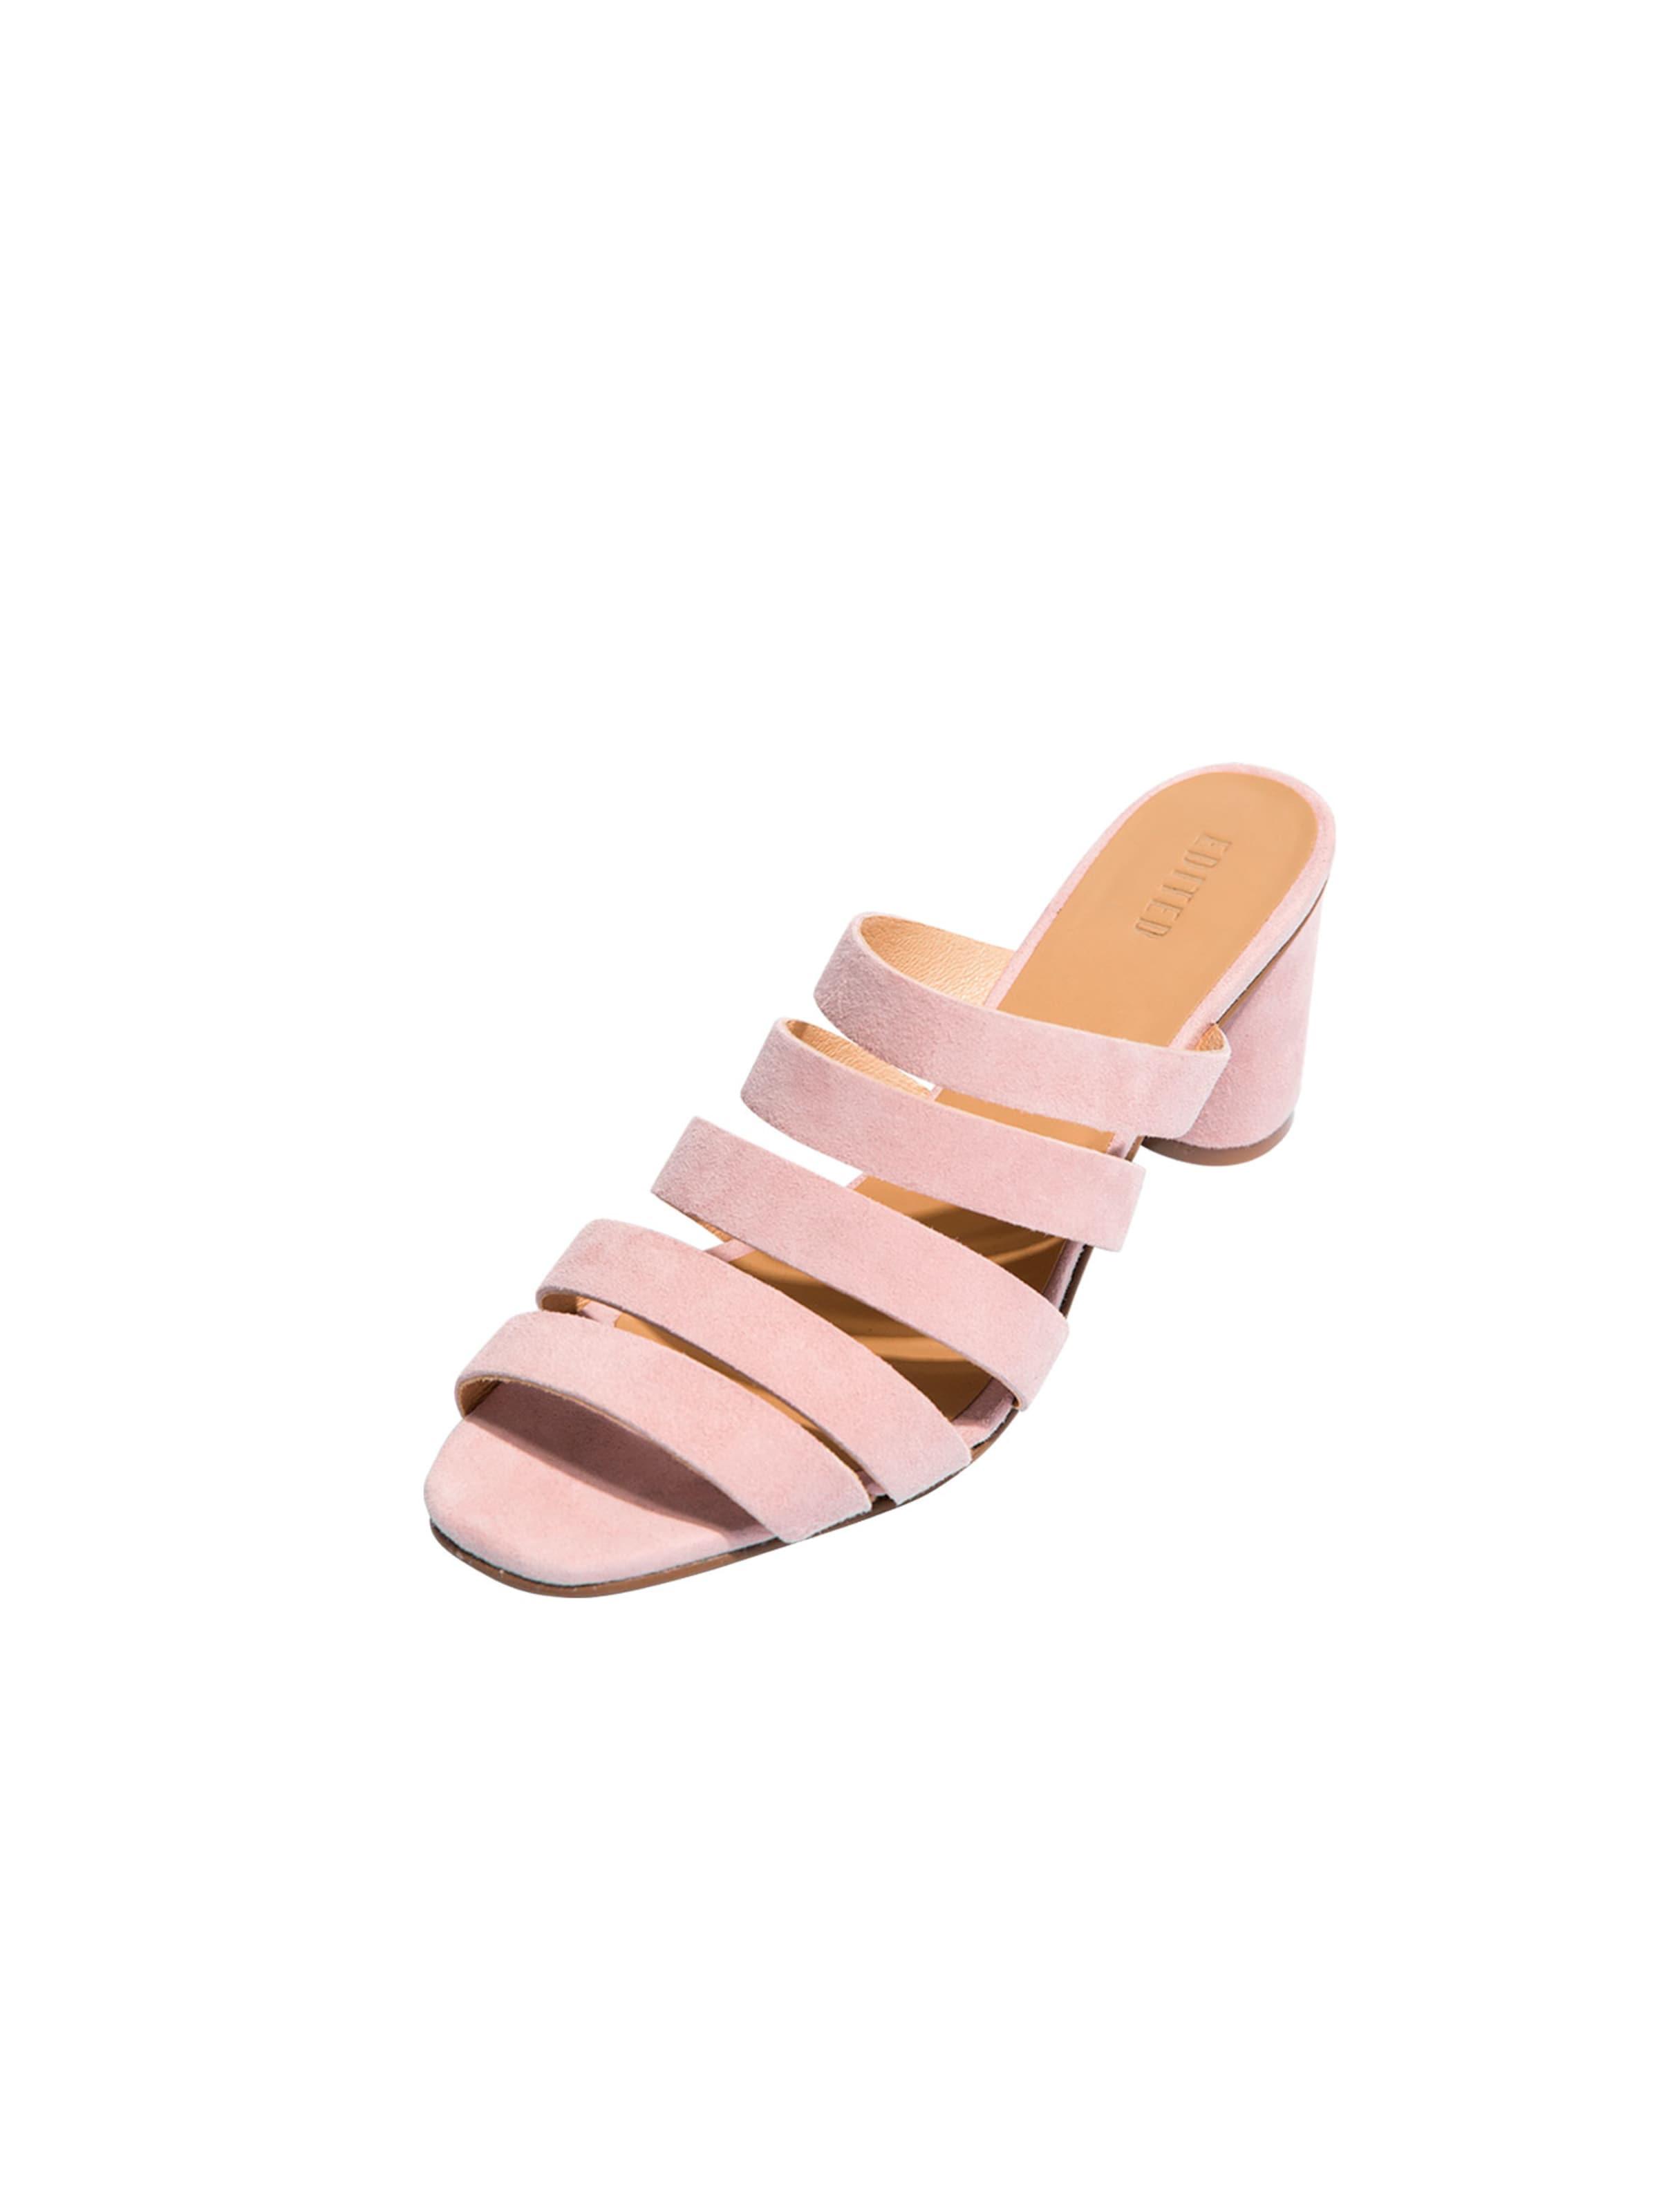 EDITED Pantolette Lissie Verschleißfeste billige Schuhe